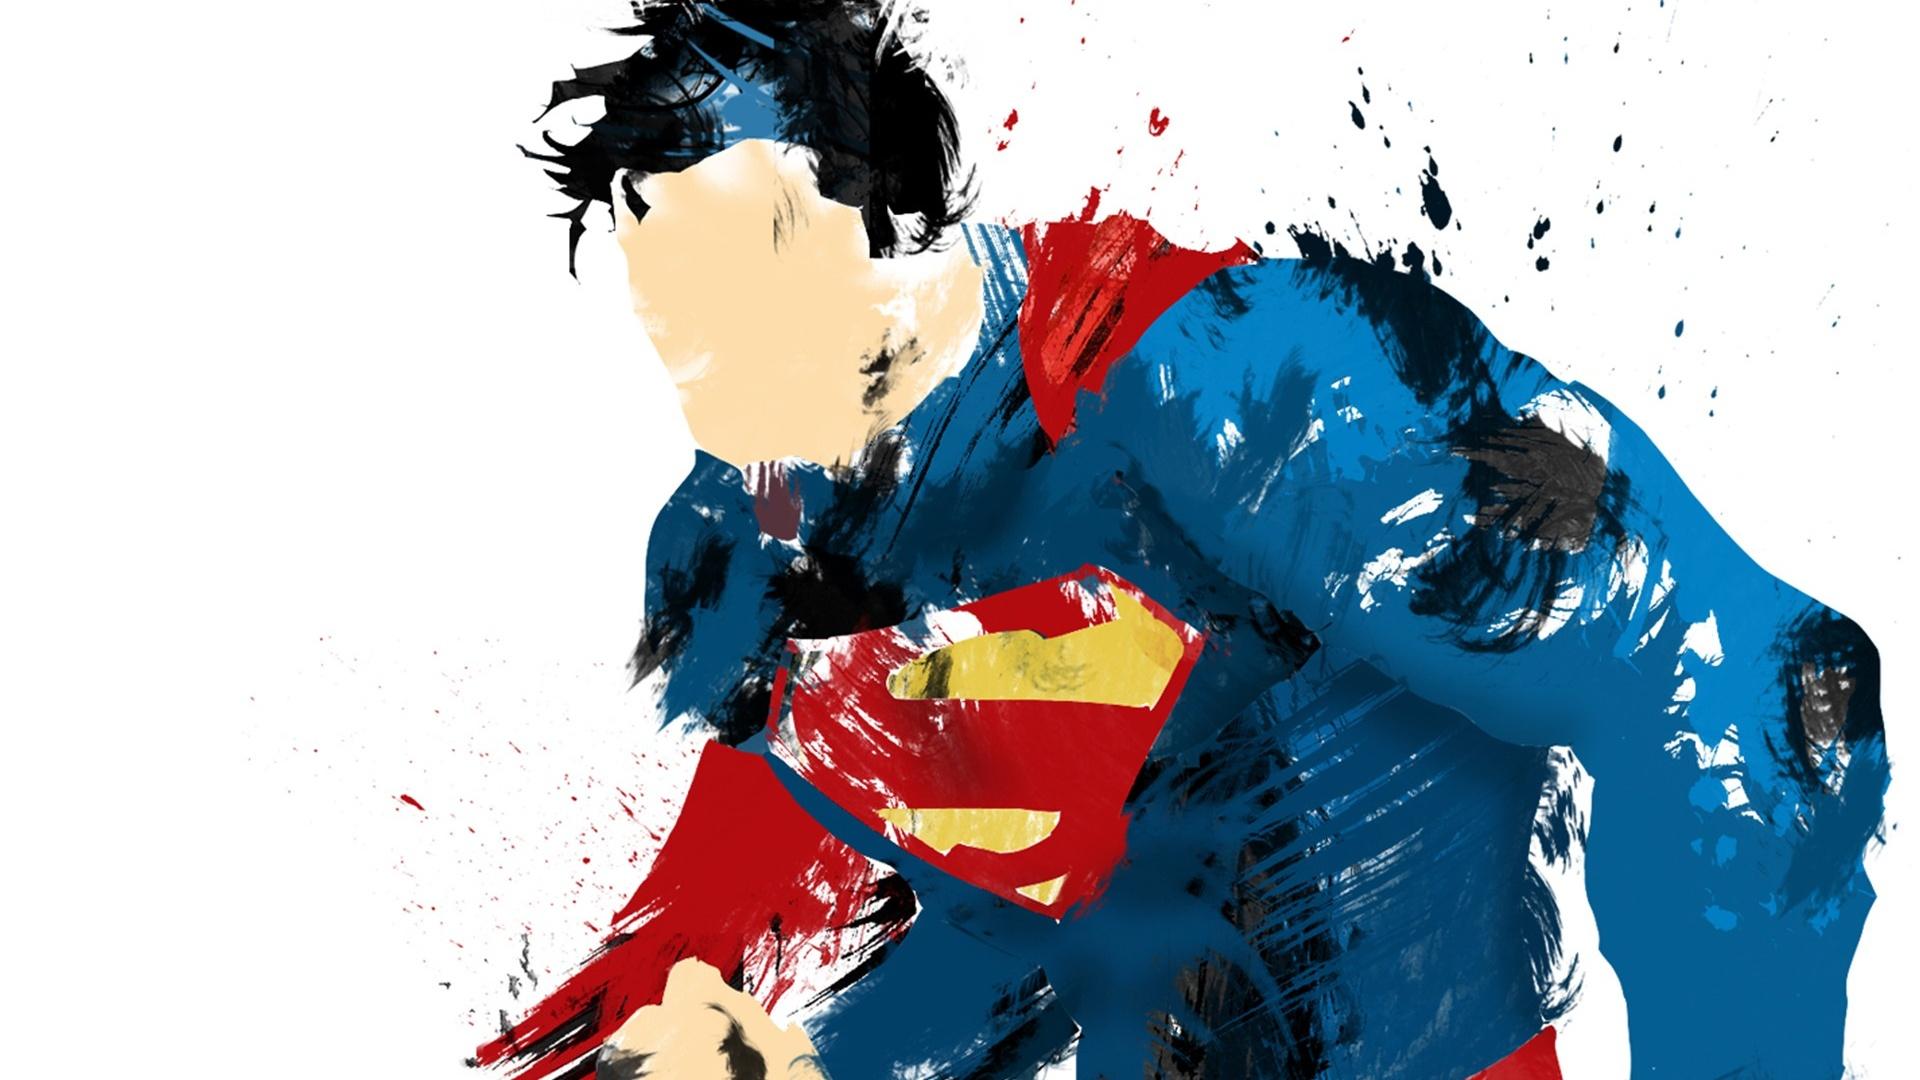 page d'accueil résumé fonds d'écran hd peinture superman